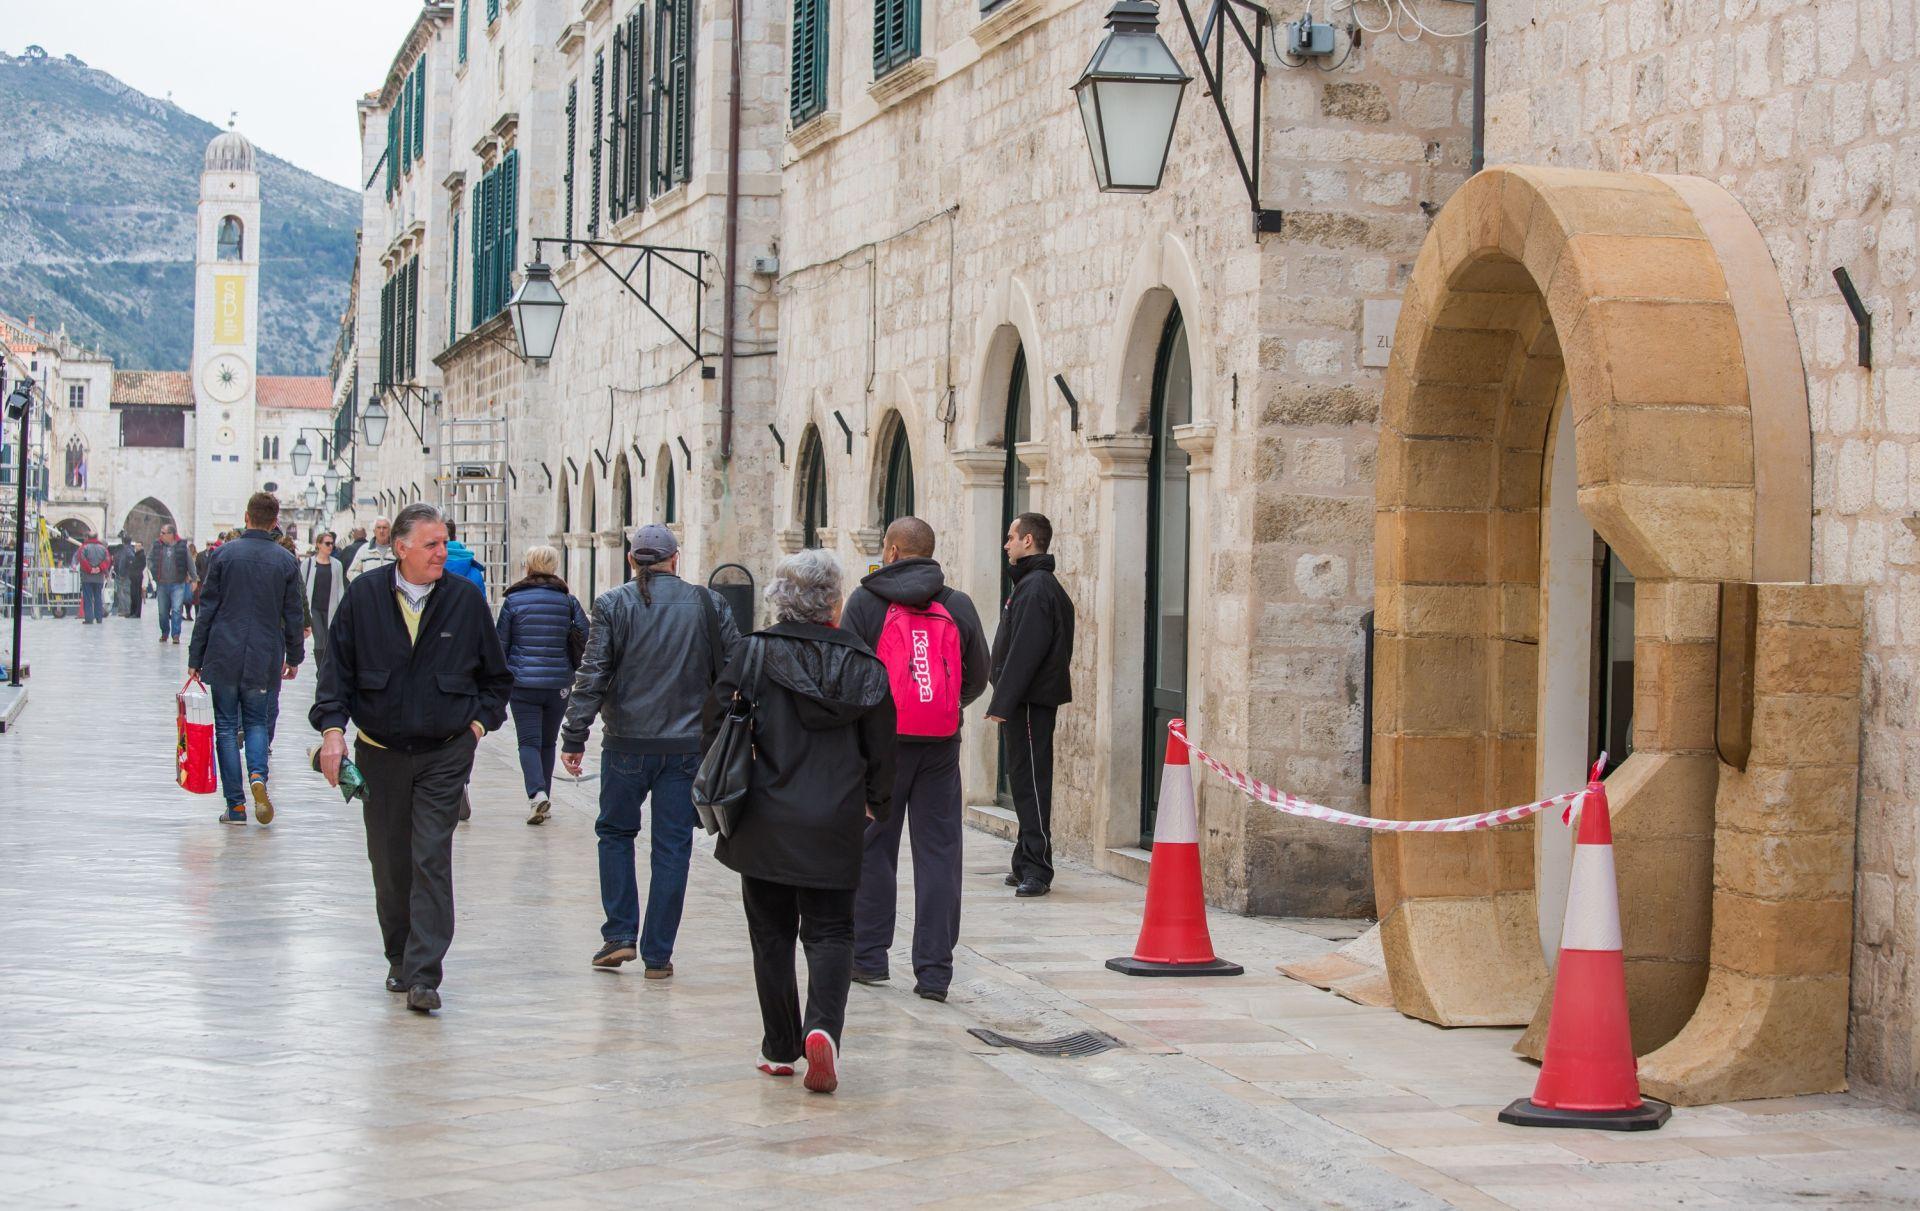 Nakon 'Igre prijestolja' i 'Ratova zvijezda' u Dubrovnik stiže i James Bond?